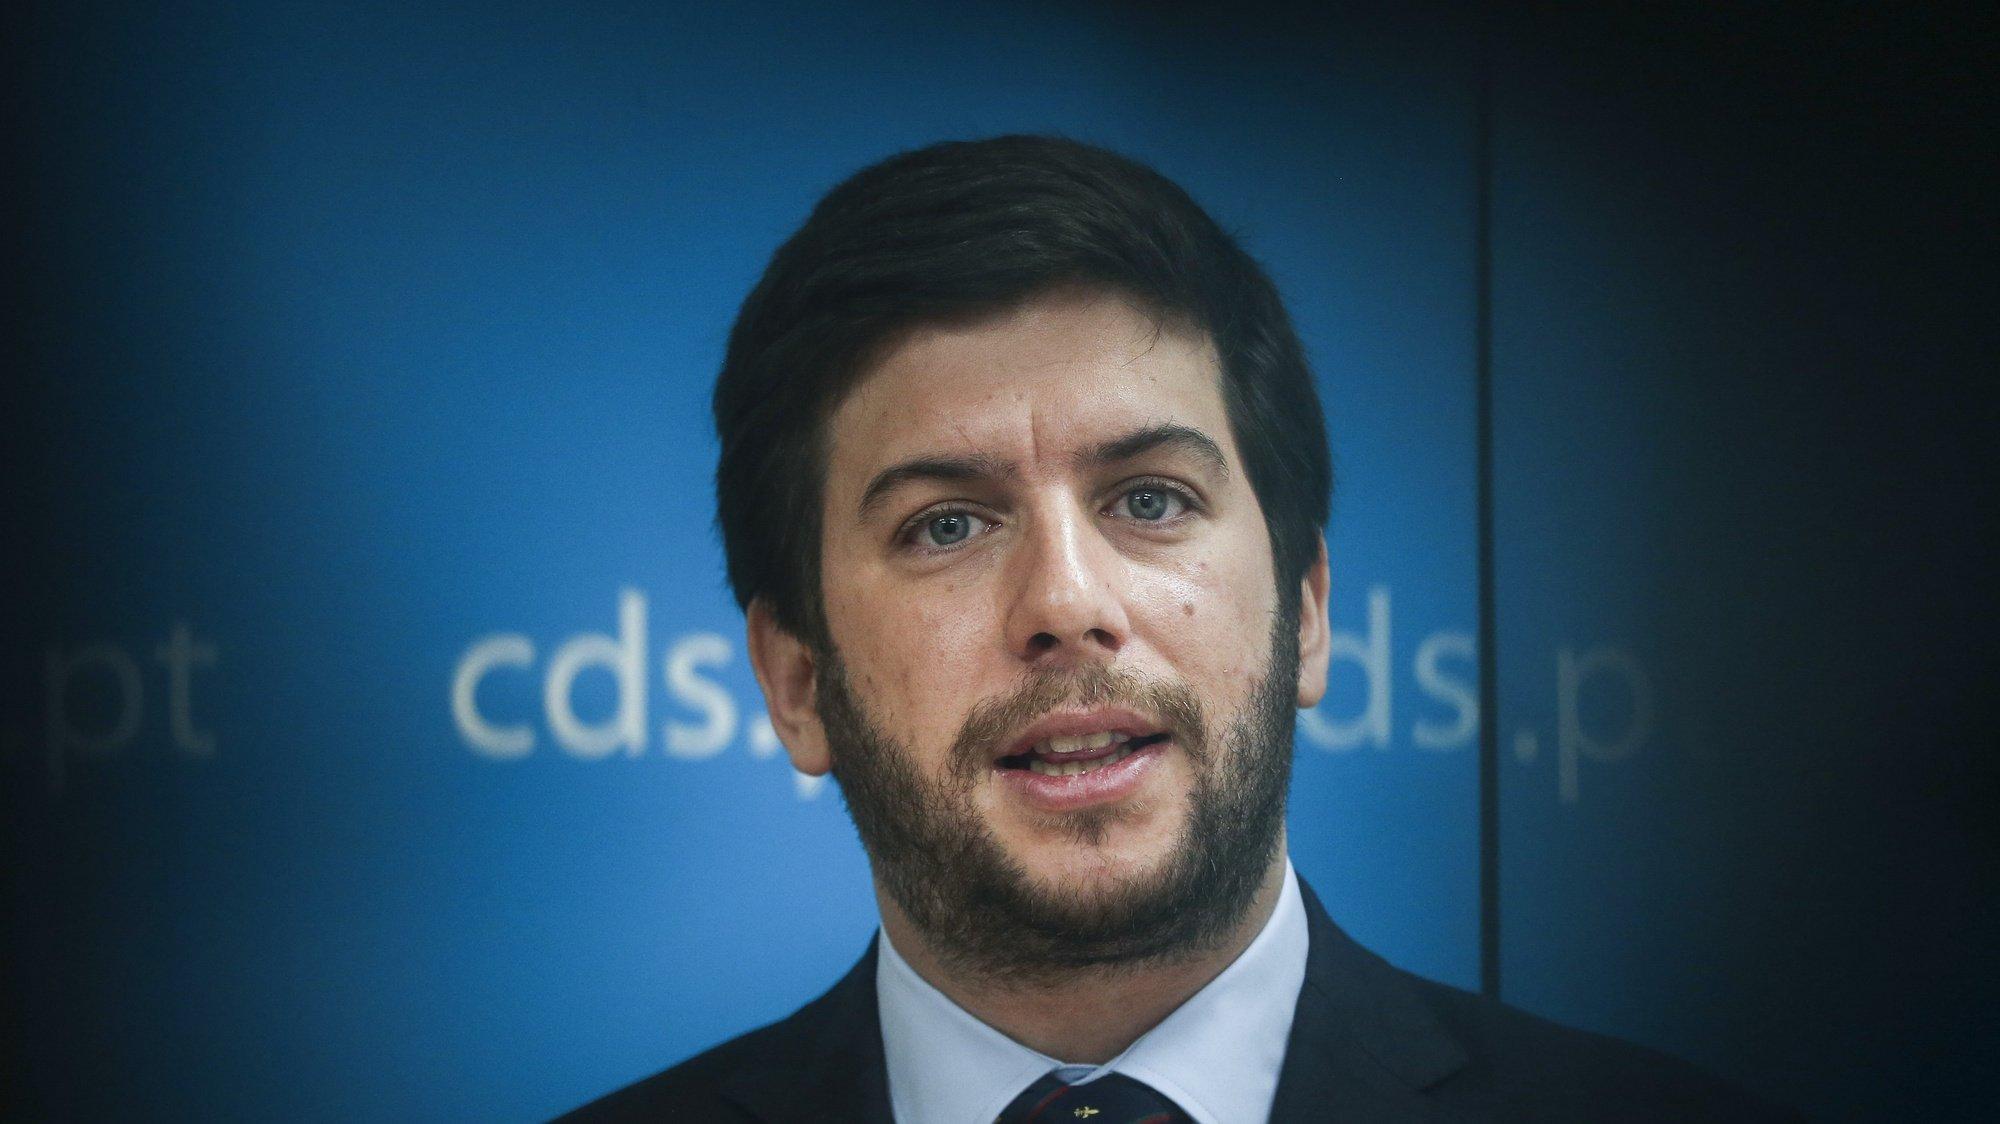 O Presidente do CDS-PP, Francisco Rodrigues dos Santos, intervém durante a reunião do  Conselho Nacional, na sede do partido, em Lisboa, 20 de março de 2021.  RODRIGO ANTUNES/LUSA